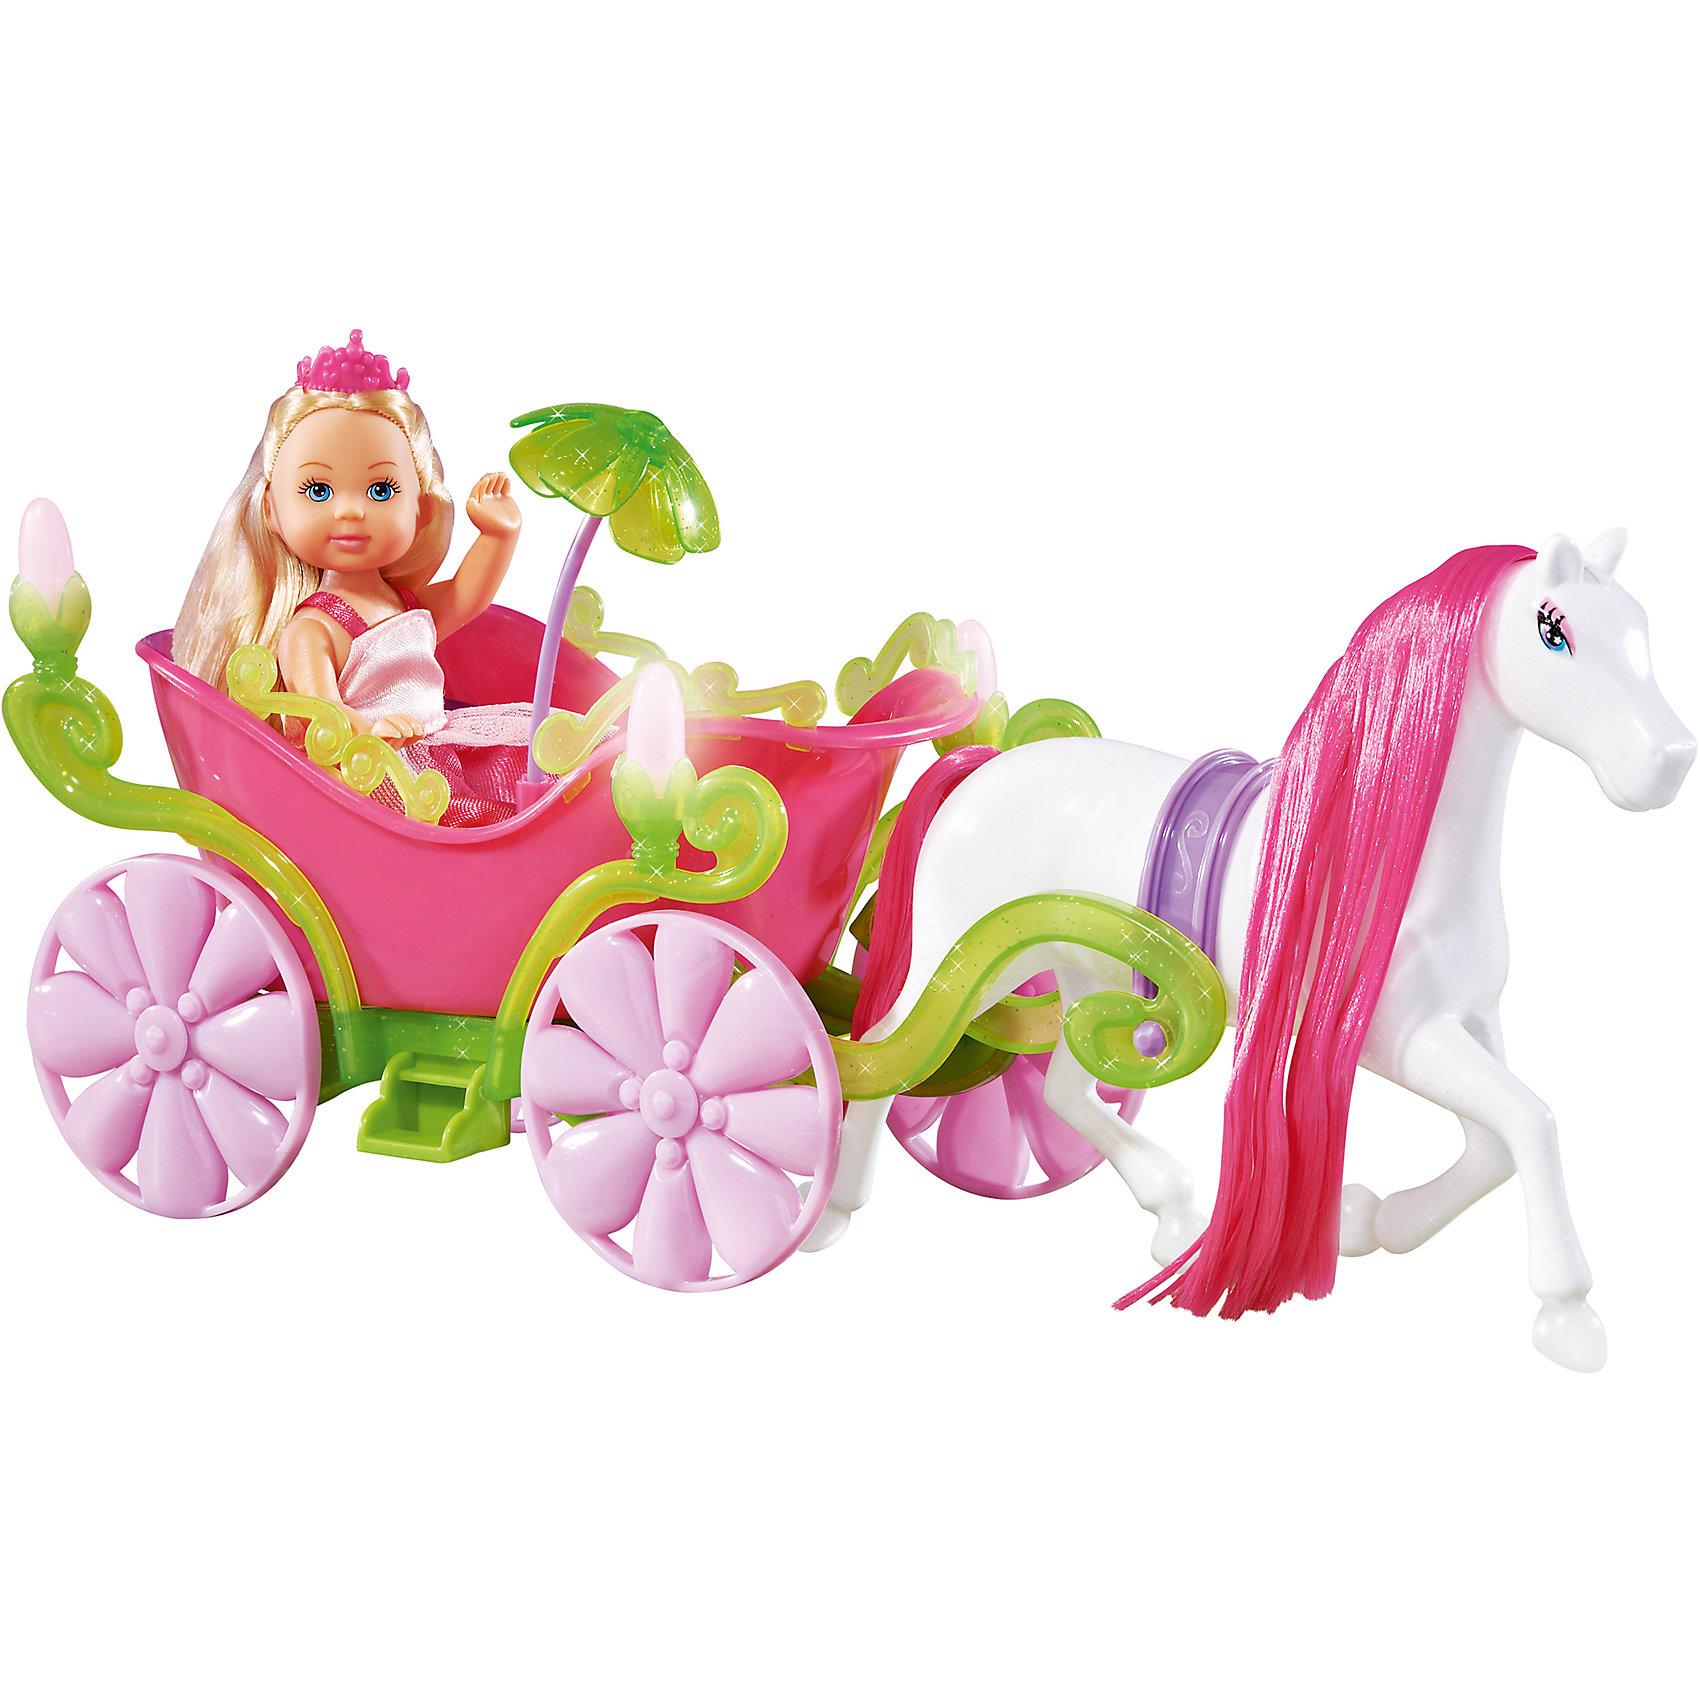 Кукла Еви в карете и лошадь, 12 см, SimbaБренды кукол<br>Характеристики товара:<br><br>- цвет: разноцветный;<br>- материал: пластик;<br>- возраст: от трех лет;<br>- комплектация: кукла, одежда, лошадь, карета;<br>- высота куклы: 12 см.<br><br>Эта симпатичная кукла Еви от известного бренда приводит детей в восторг! Какая девочка сможет отказаться поиграть с куклой, у которой есть лошадь и карета?! В набор входят одежда и лошадь. Игрушка очень качественно выполнена, поэтому она станет замечательным подарком ребенку. <br>Продается набор в красивой удобной упаковке. Игры с куклами помогают девочкам развить важные навыки и отработать модели социального взаимодействия. Изделие произведено из высококачественного материала, безопасного для детей.<br><br>Куклу Еви в карете + лошадь, от бренда Simba можно купить в нашем интернет-магазине.<br><br>Ширина мм: 326<br>Глубина мм: 208<br>Высота мм: 119<br>Вес г: 435<br>Возраст от месяцев: 36<br>Возраст до месяцев: 96<br>Пол: Женский<br>Возраст: Детский<br>SKU: 2246343